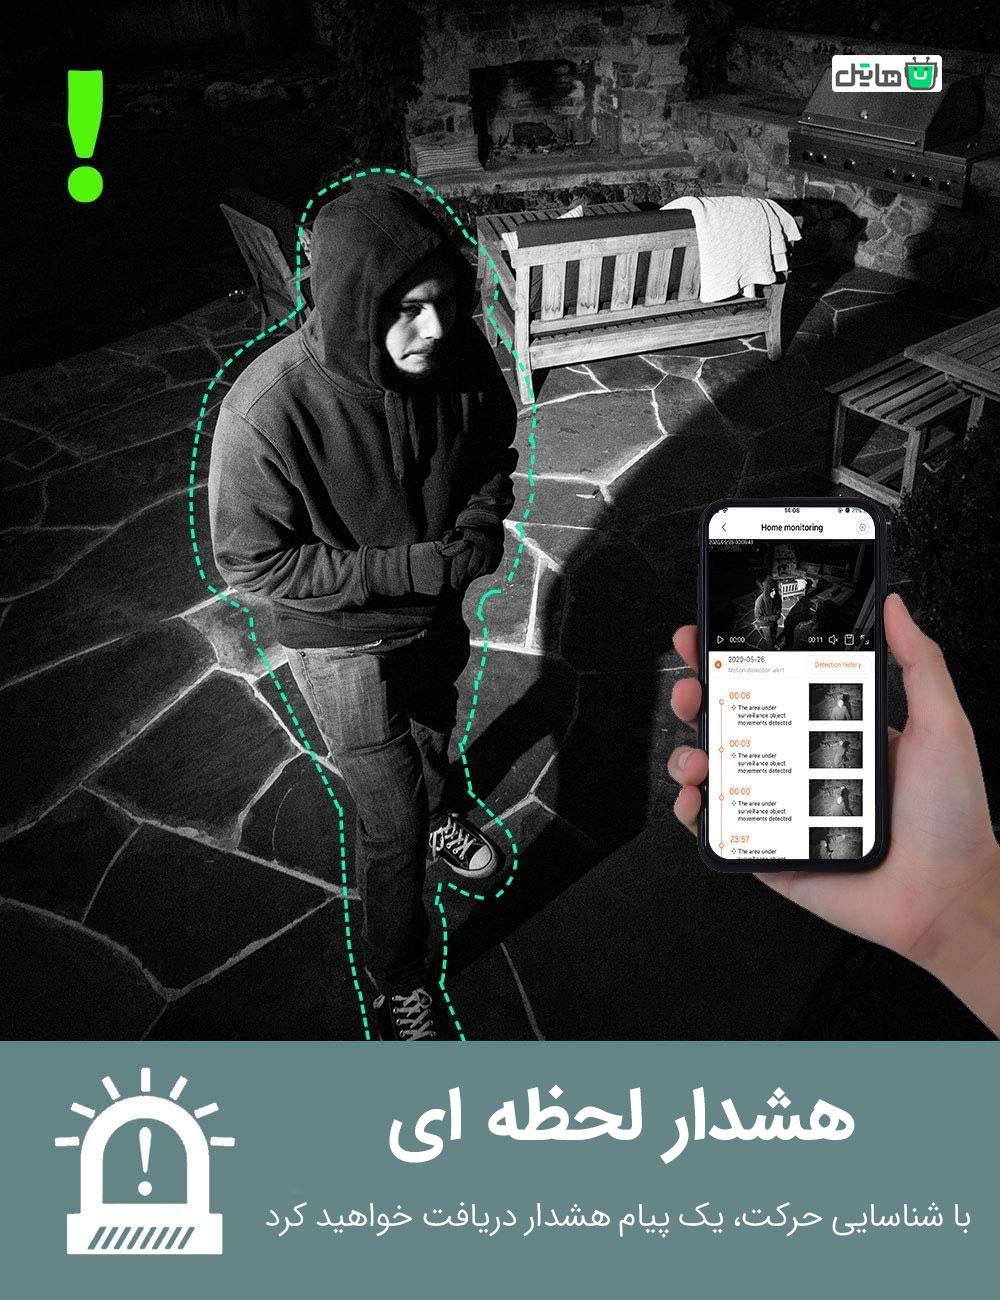 دوربین حفاظتی تحت شبکه IMILAB EC3 مدل CMSXJ25A